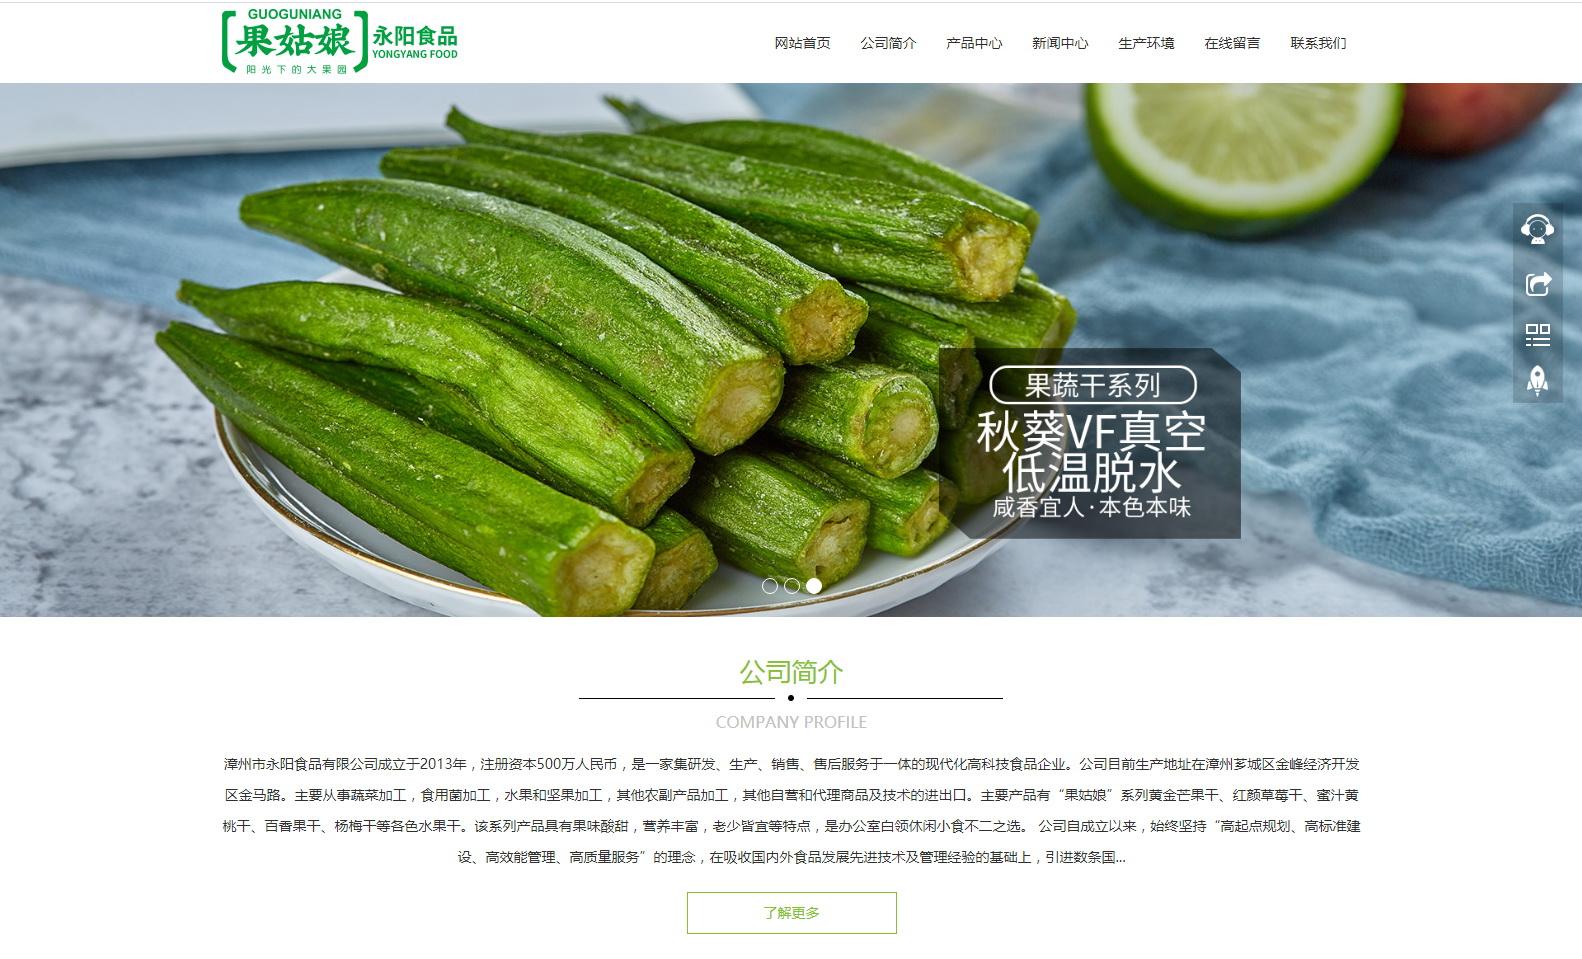 网站建设:漳州永阳食品